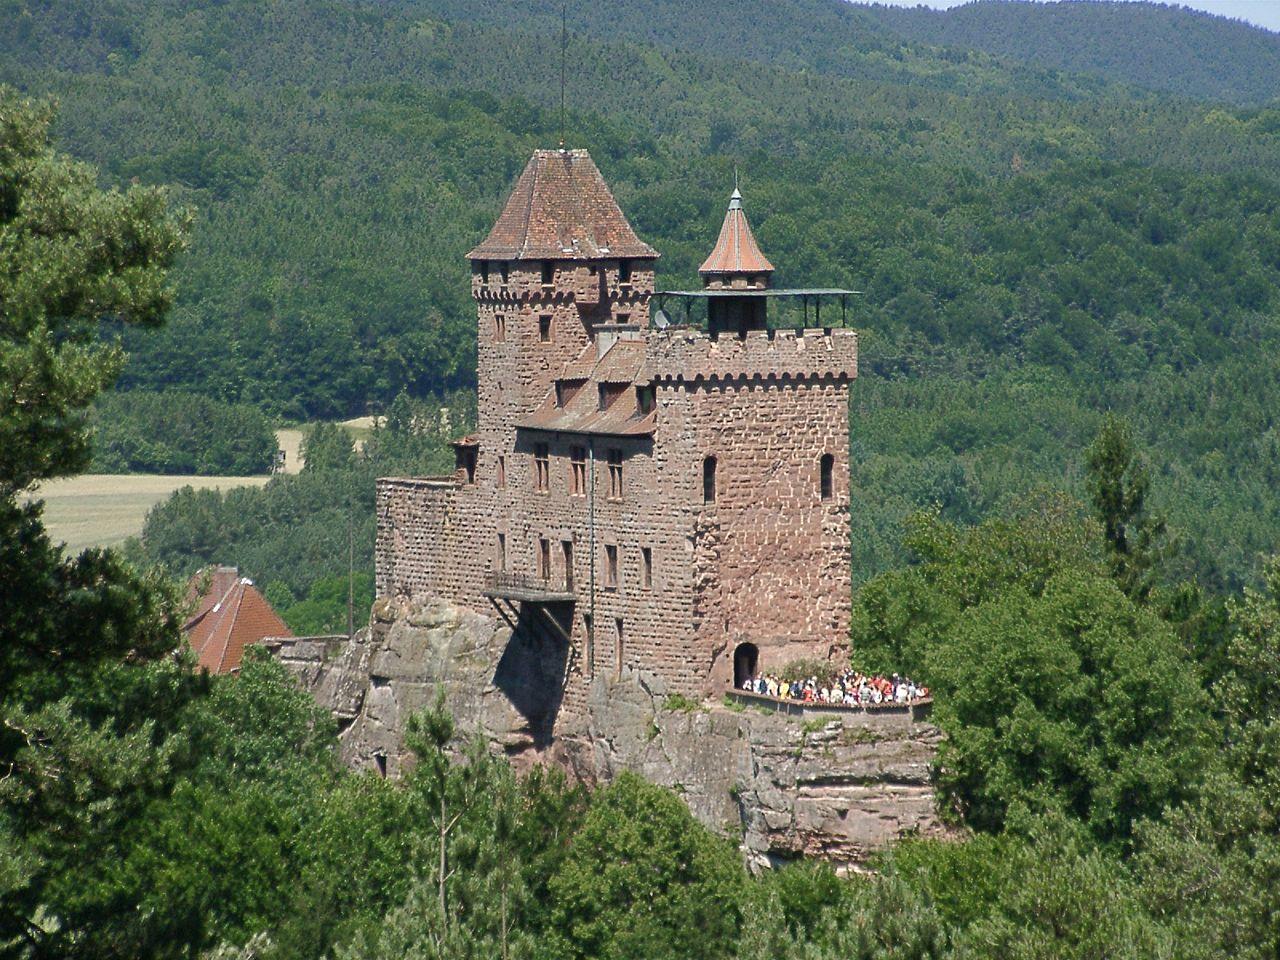 Bild Burg Berwartstein Erlenbach